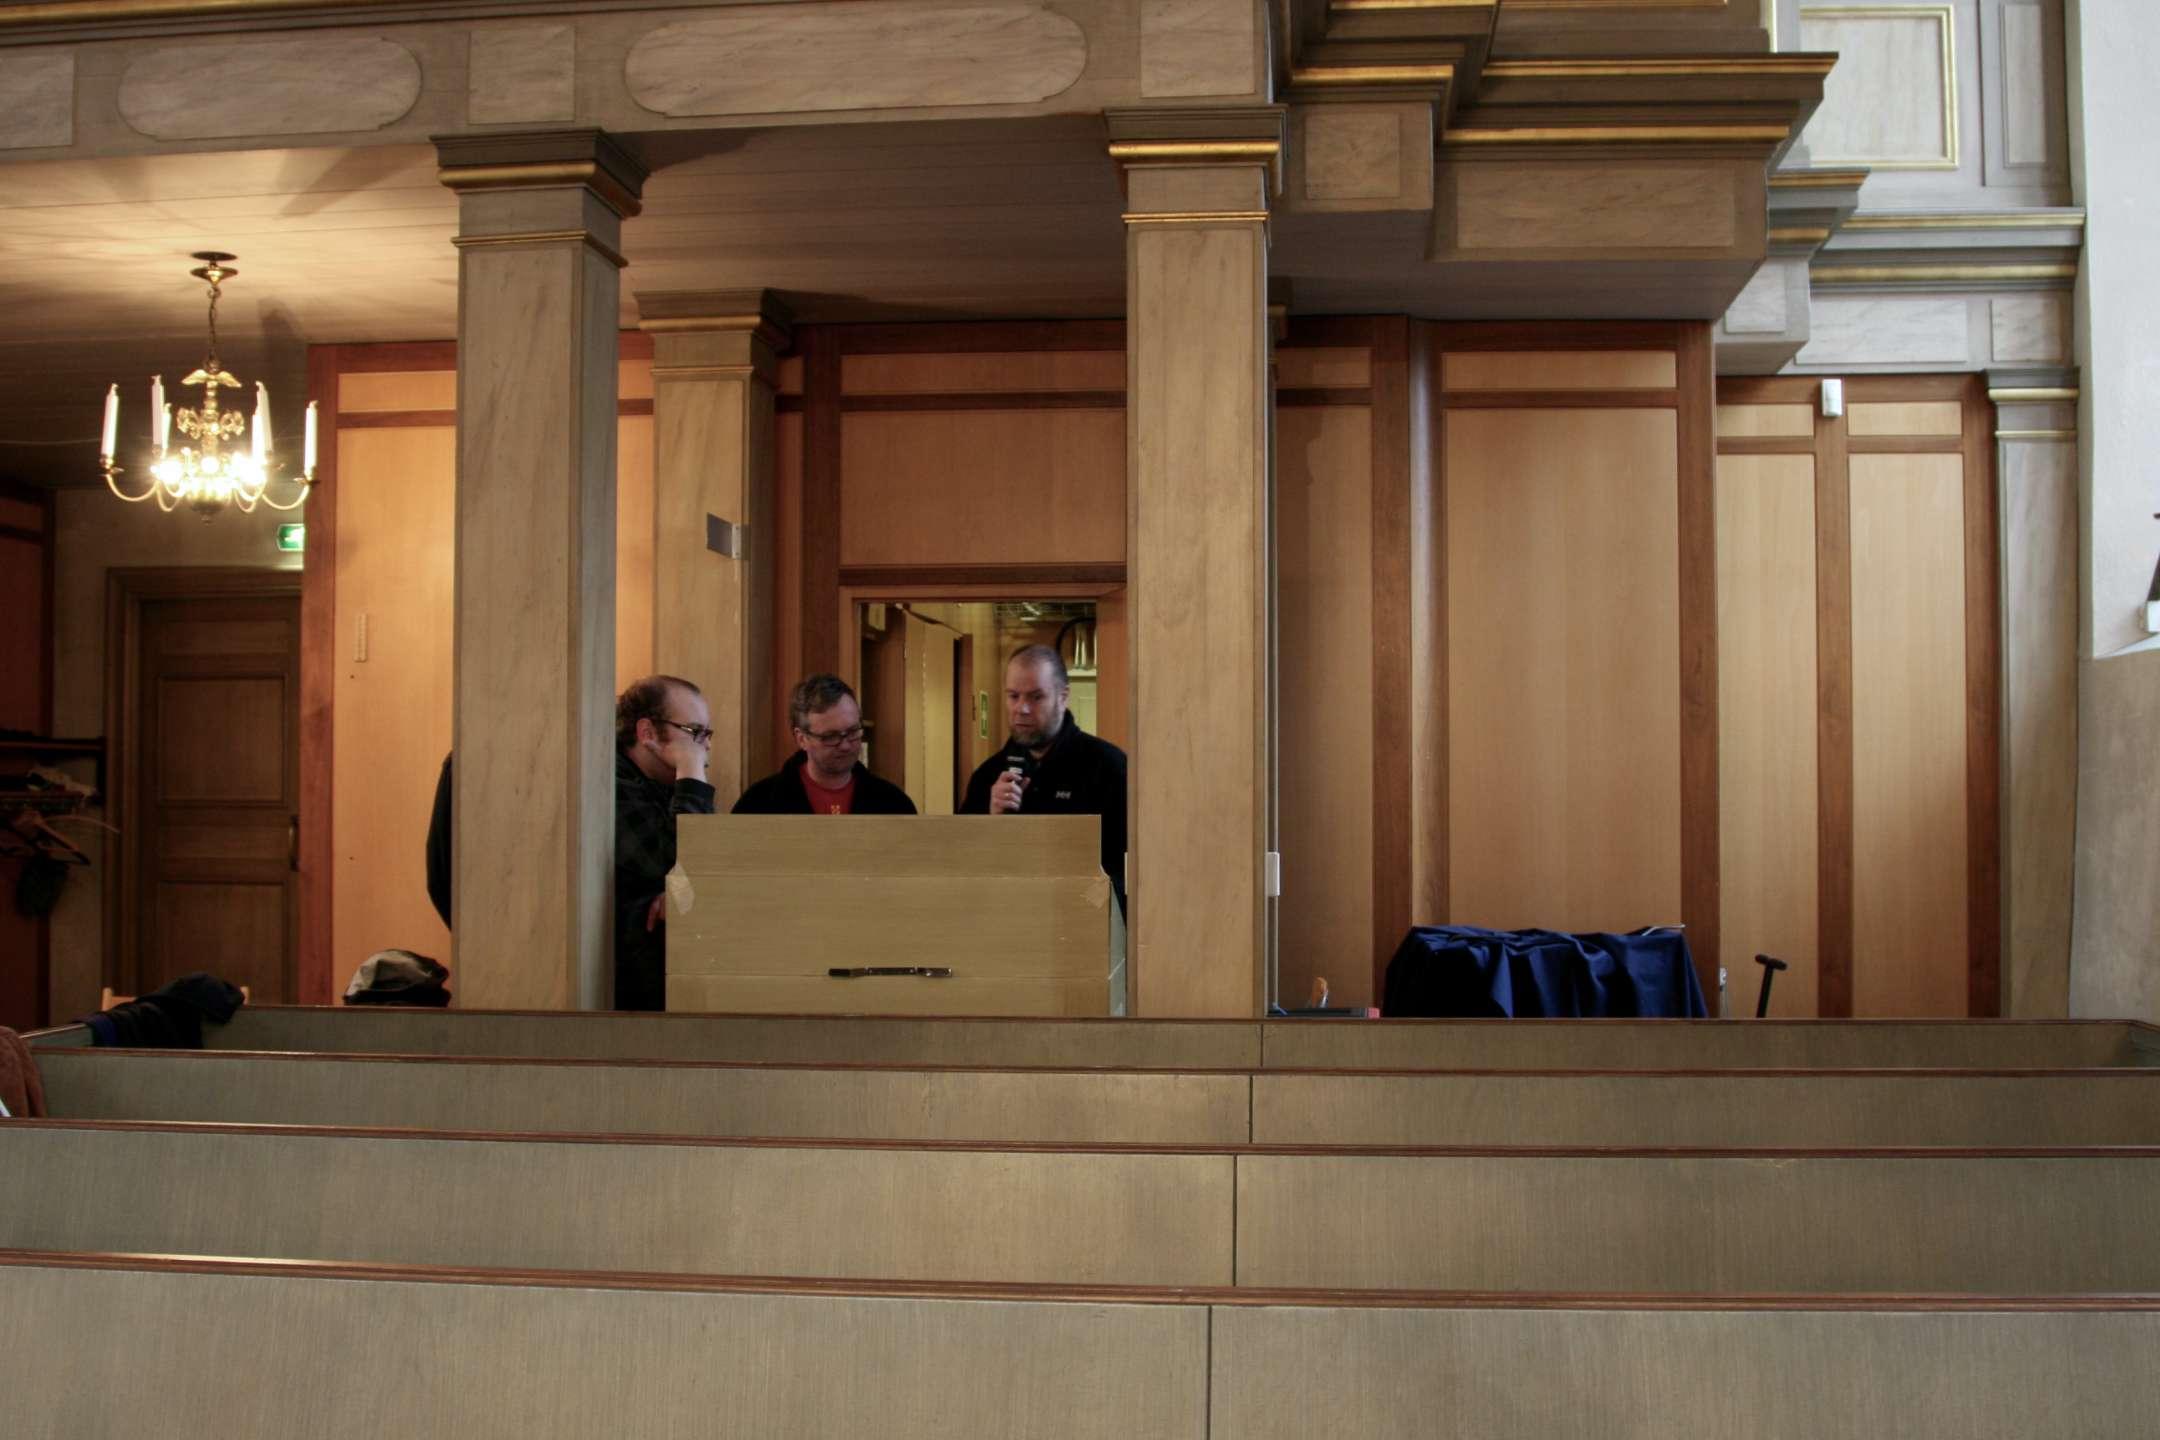 Undervisning av kyrkans personal i ljudanläggningens handhavande..